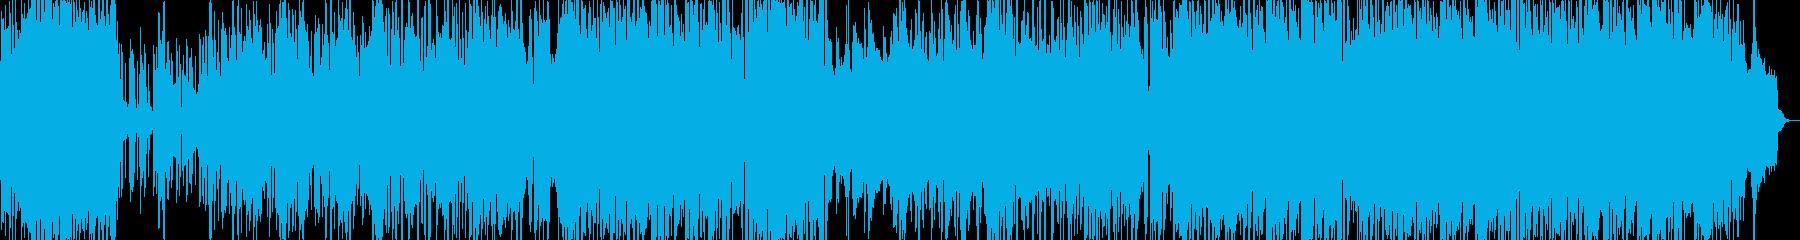 ポップでキャッチーな歌もの元気ピアノ繊細の再生済みの波形